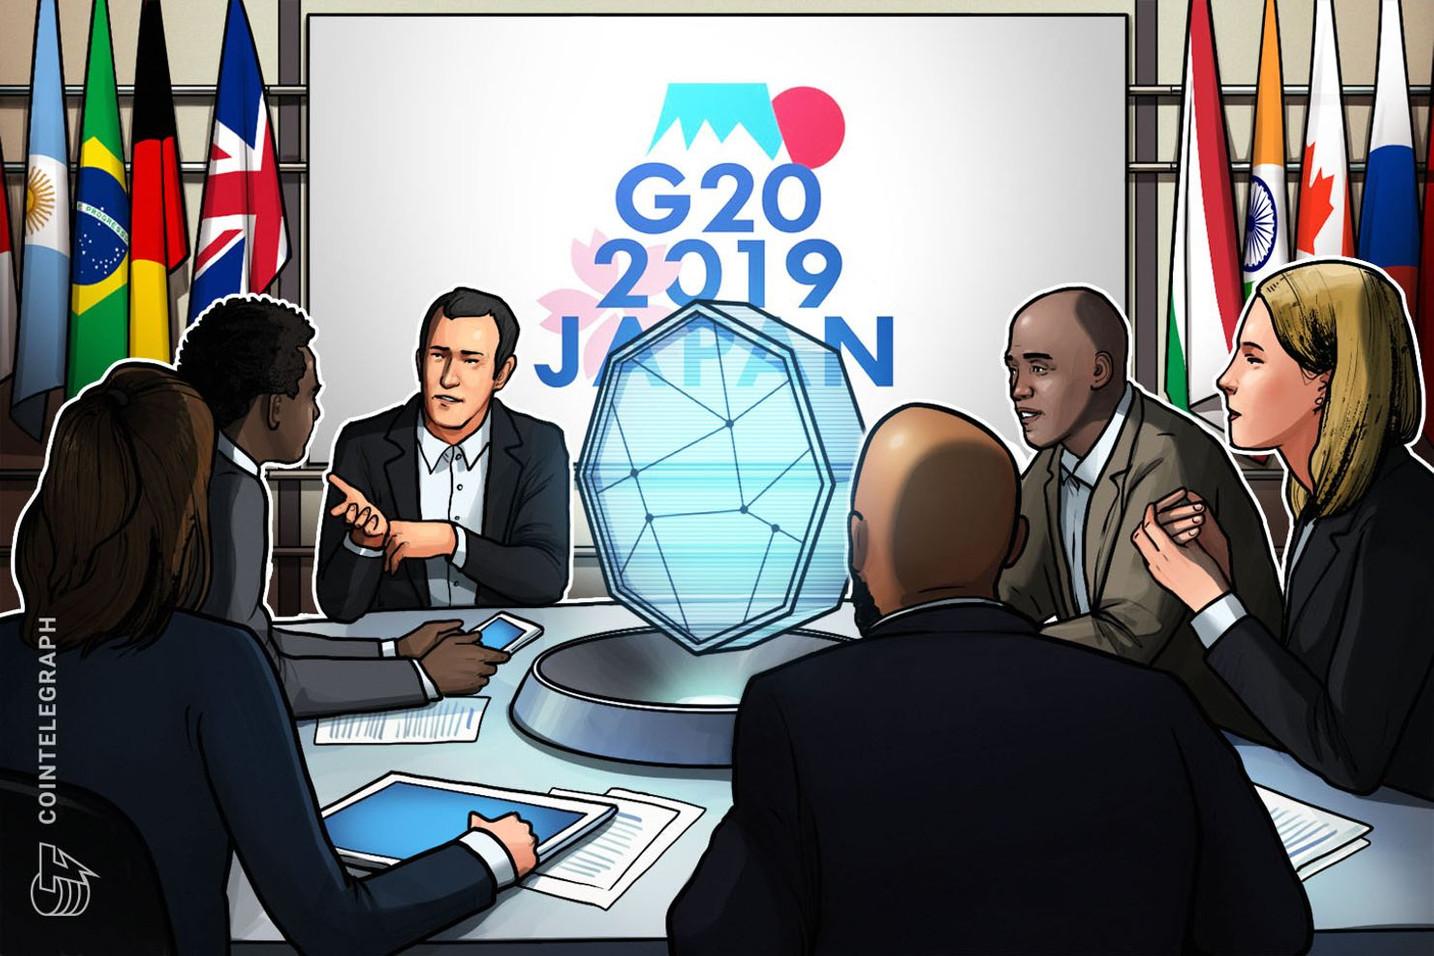 【独自】G20のマネロン議論 サプライズ要因は? 三菱UFJ出資のチェイナリシスと匿名通貨ビームCEO「マネロンと仮想通貨」を語る